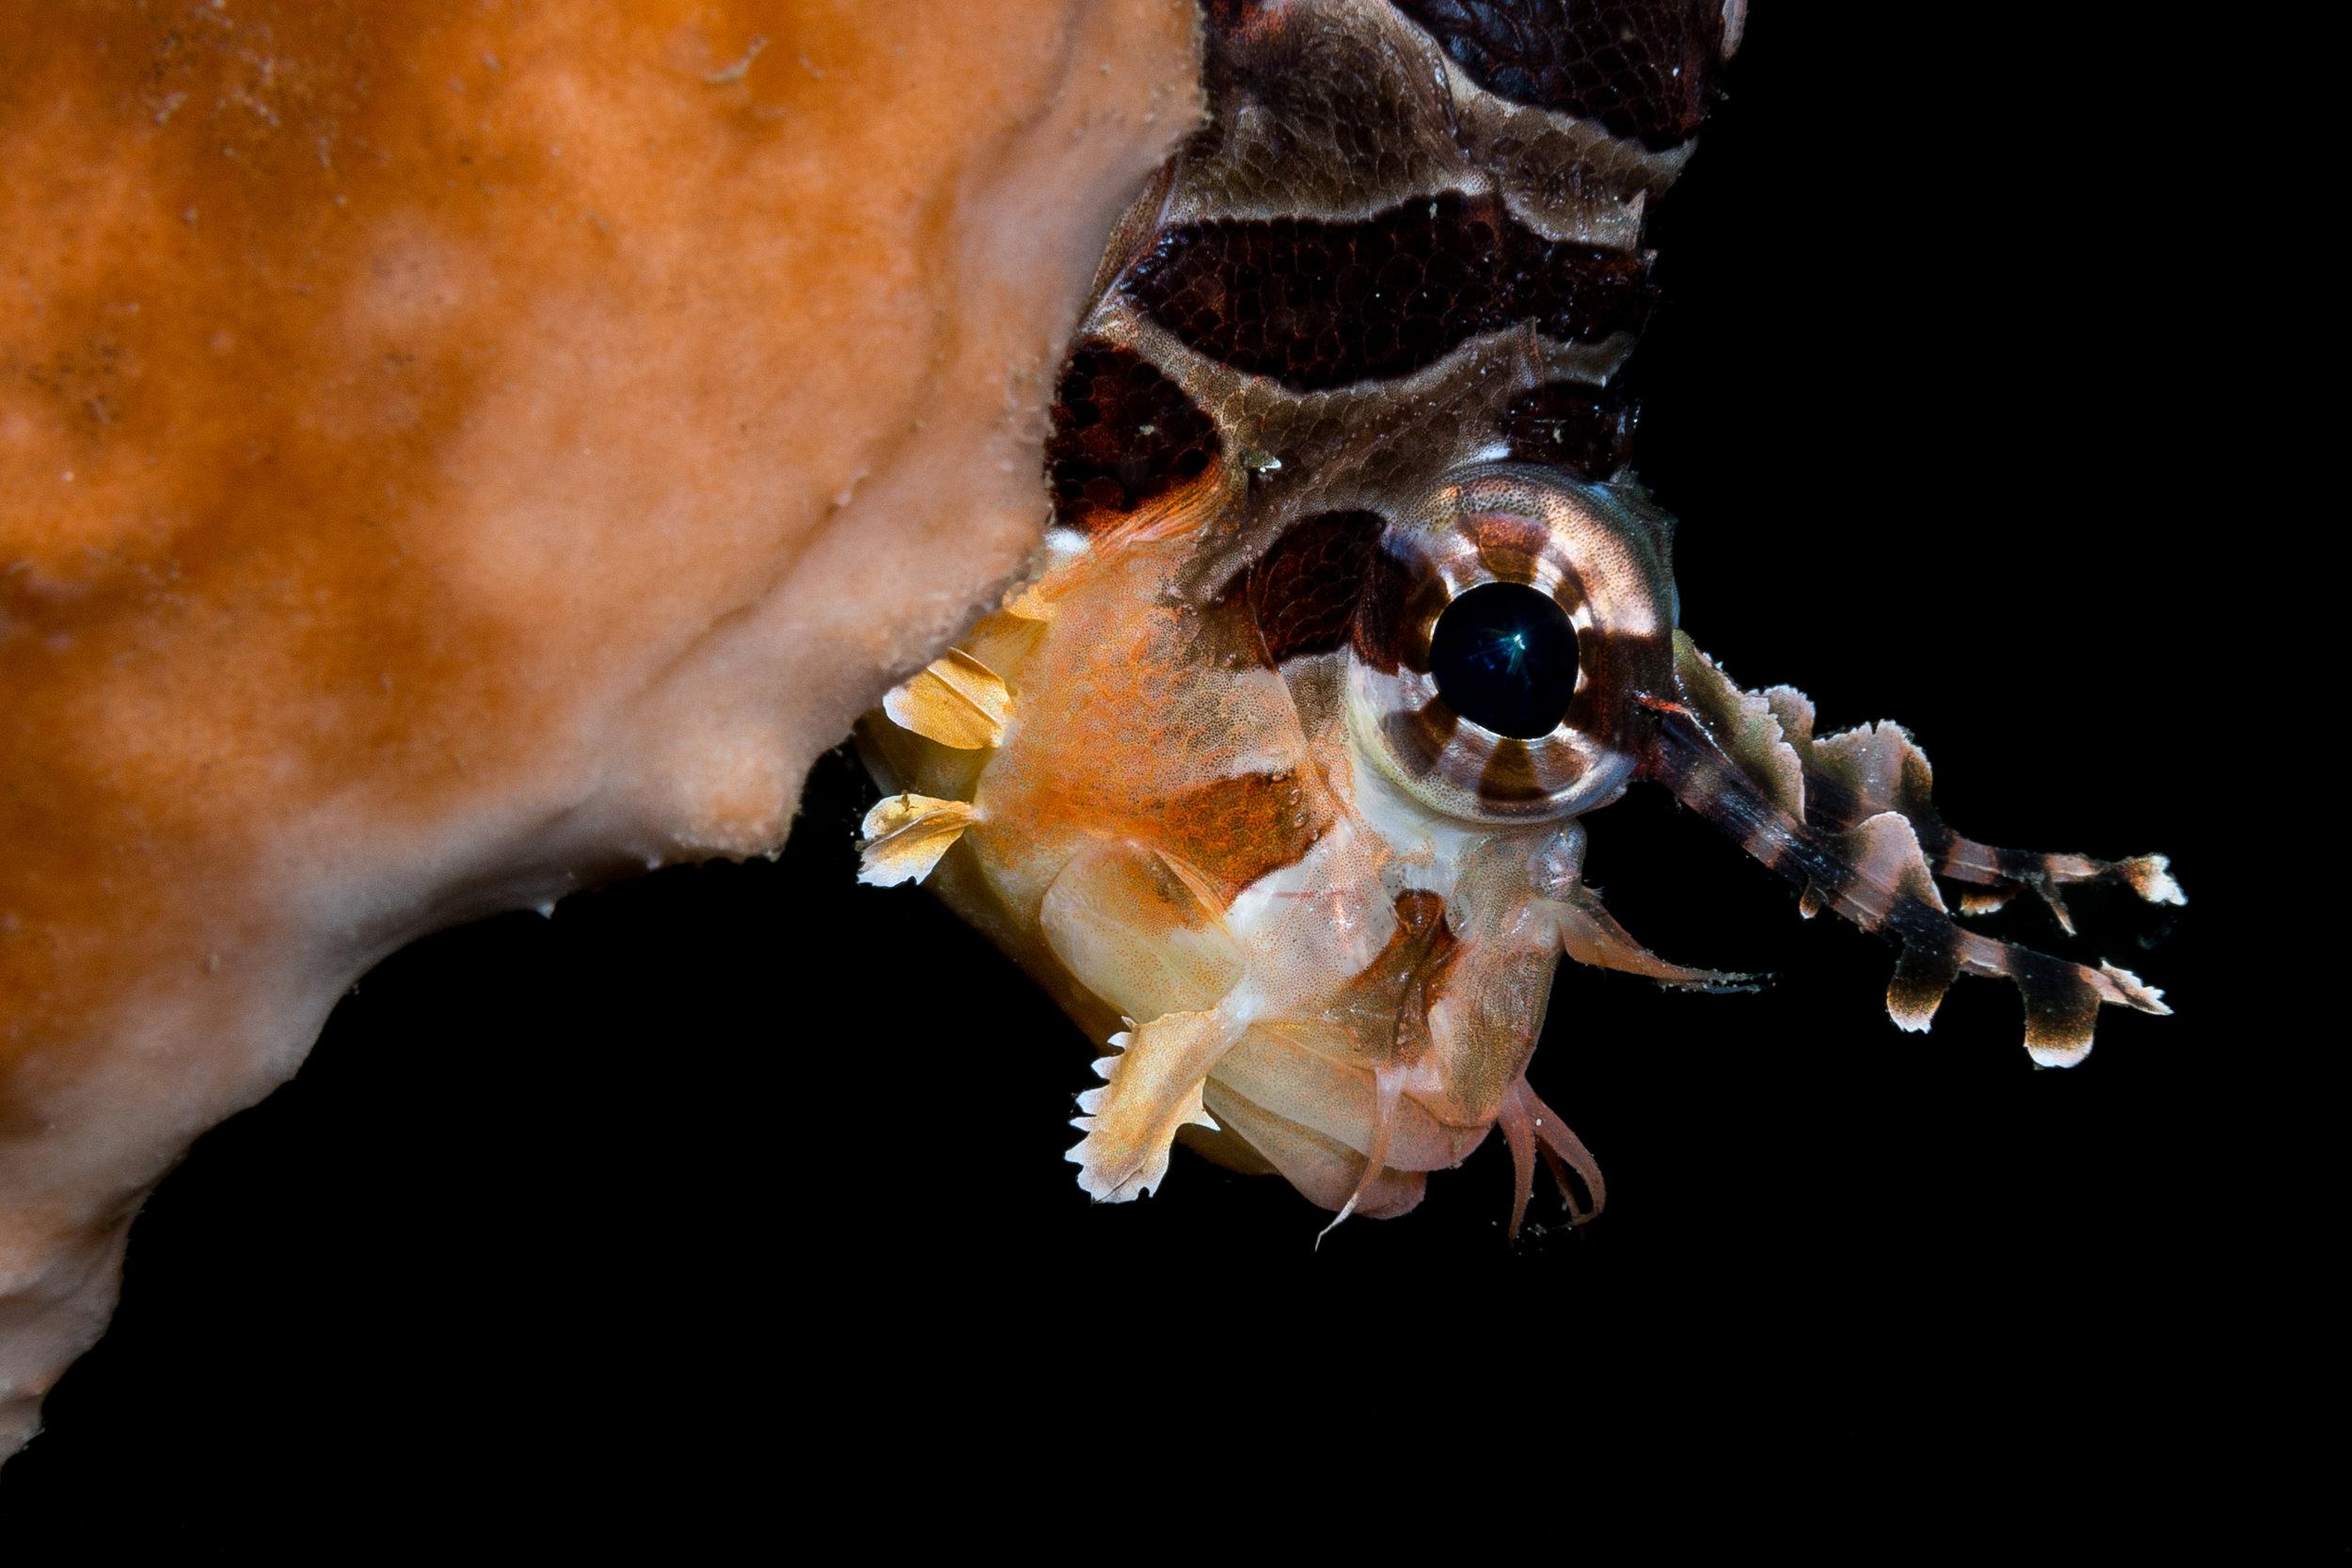 Lion fish  credit: wojtek Meczynski / coral reef image bank